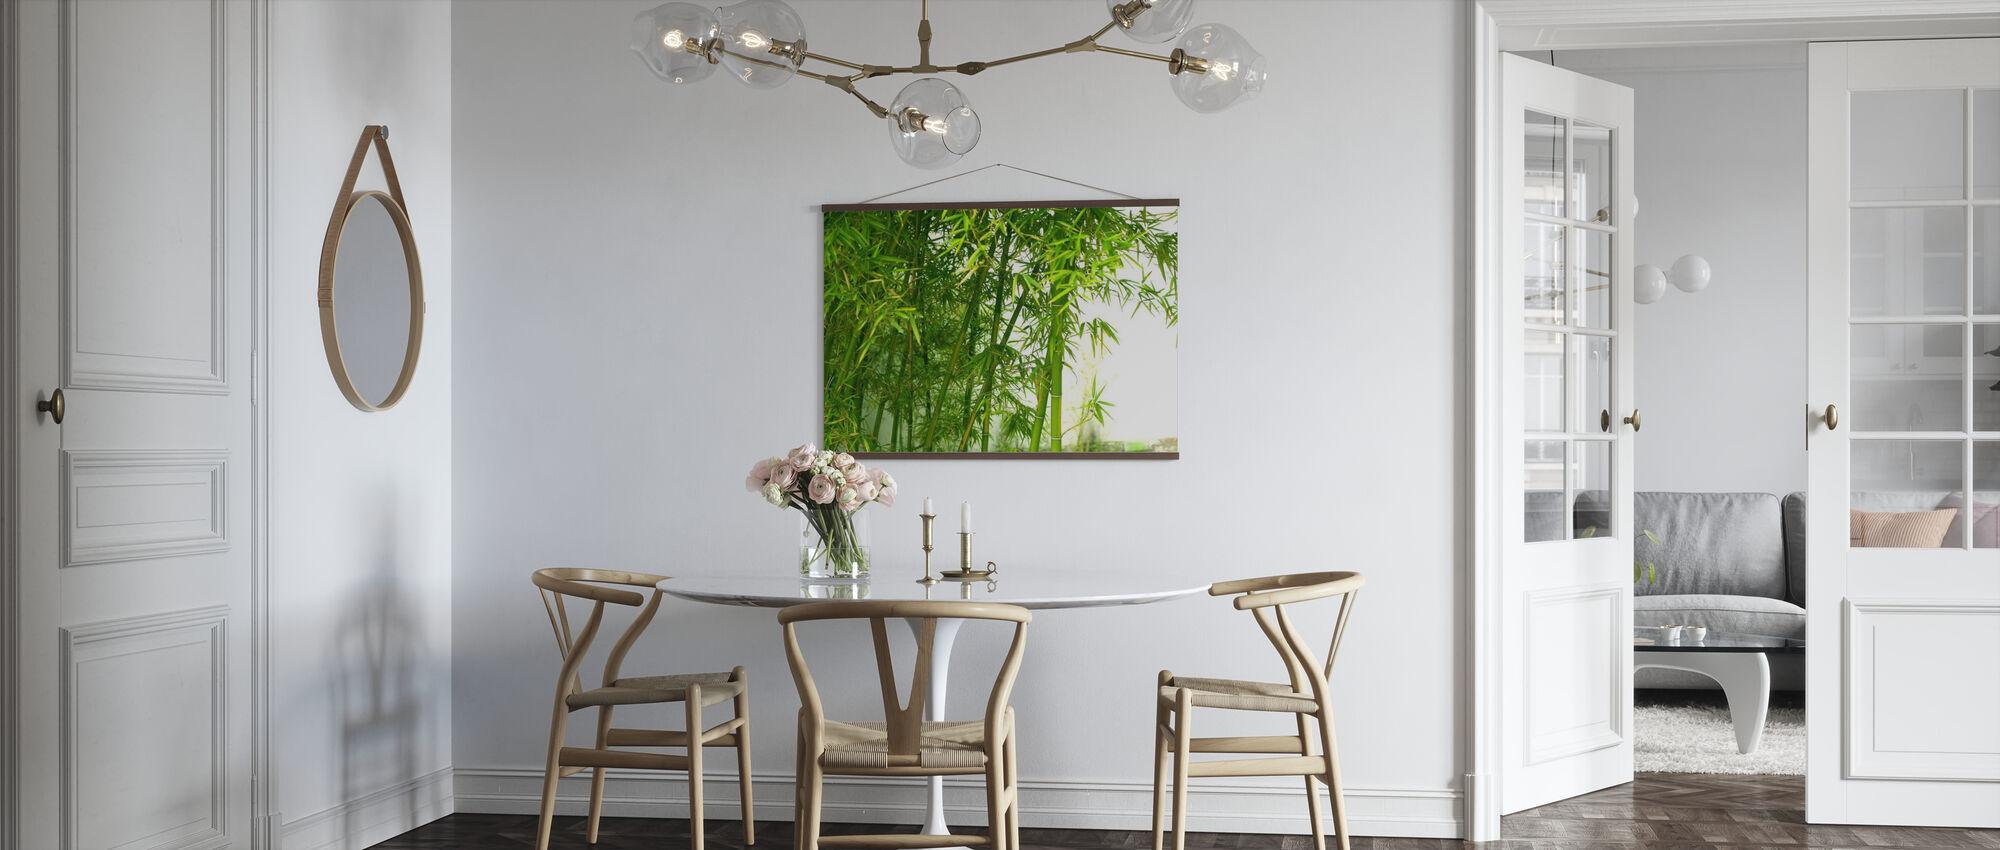 Vakker bambus - Plakat - Kjøkken